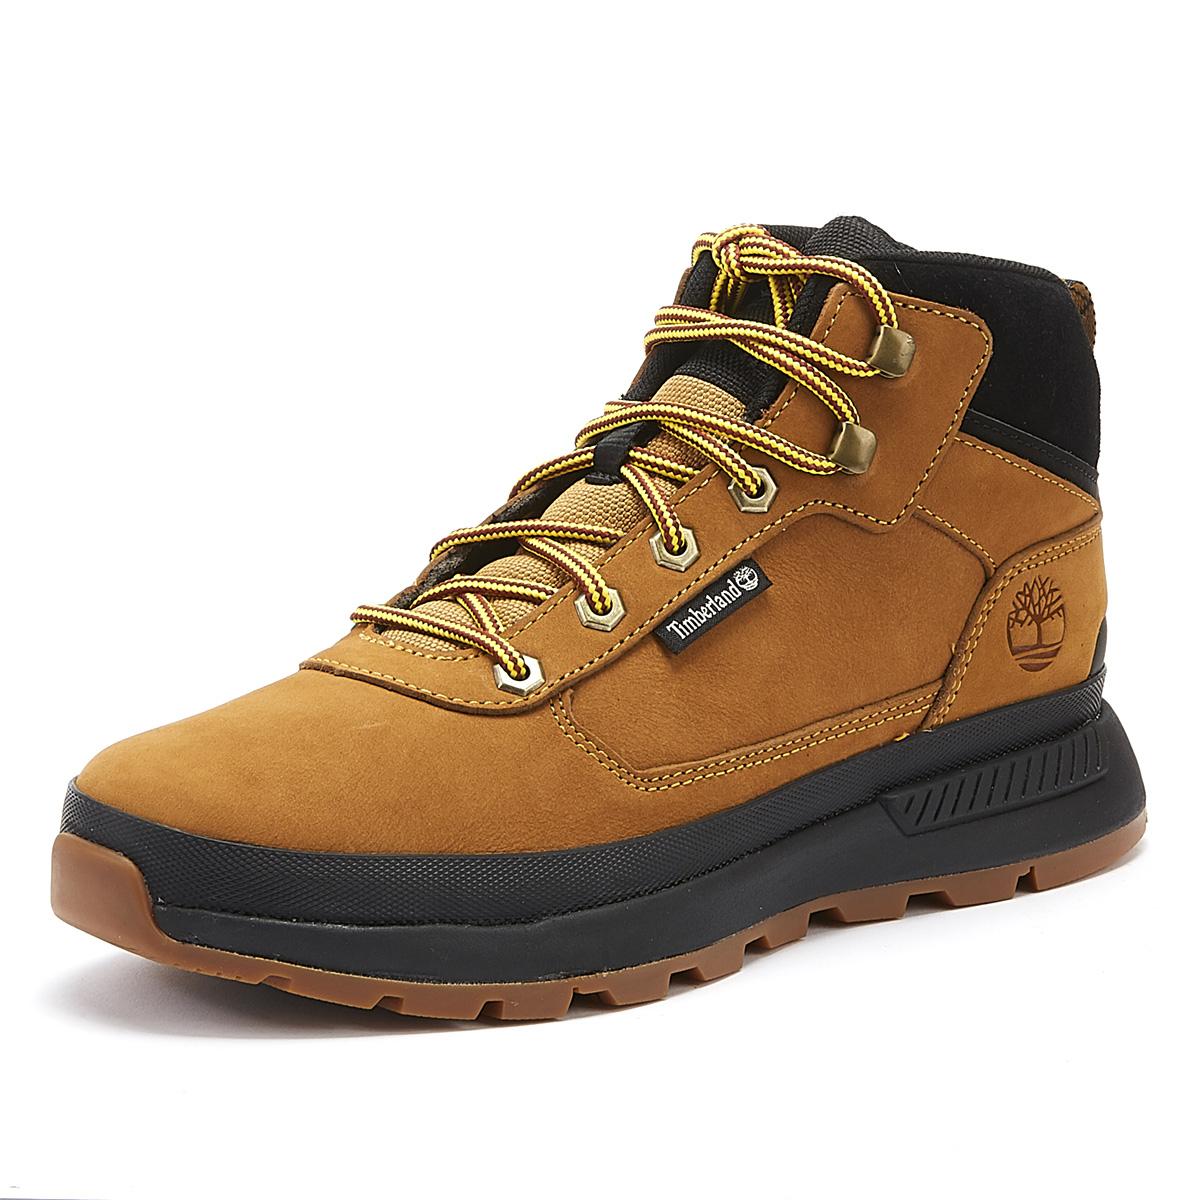 Details zu Timberland Field Trekker Mid Mens Wheat Yellow Black Boots Winter Shoes